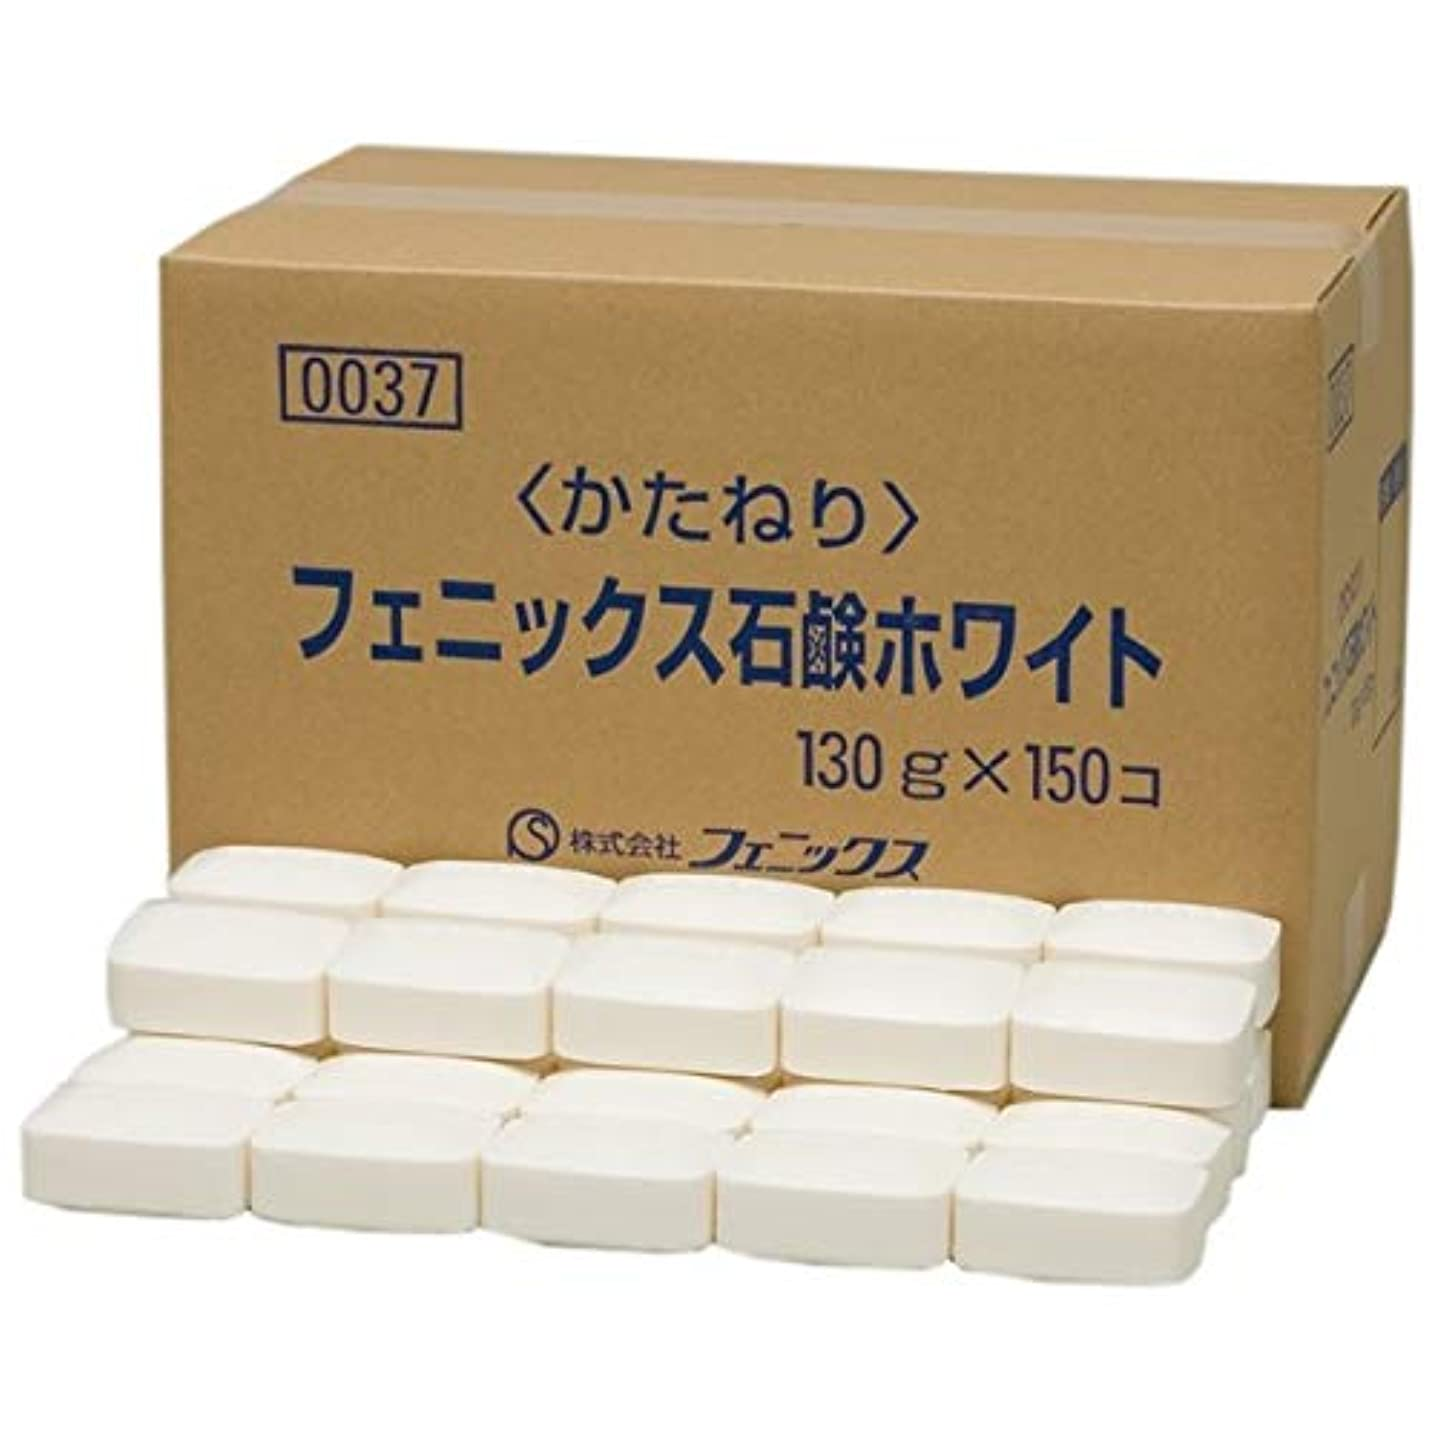 ペインティング憧れ専門化するフェニックスホワイト石鹸 130g×150個入